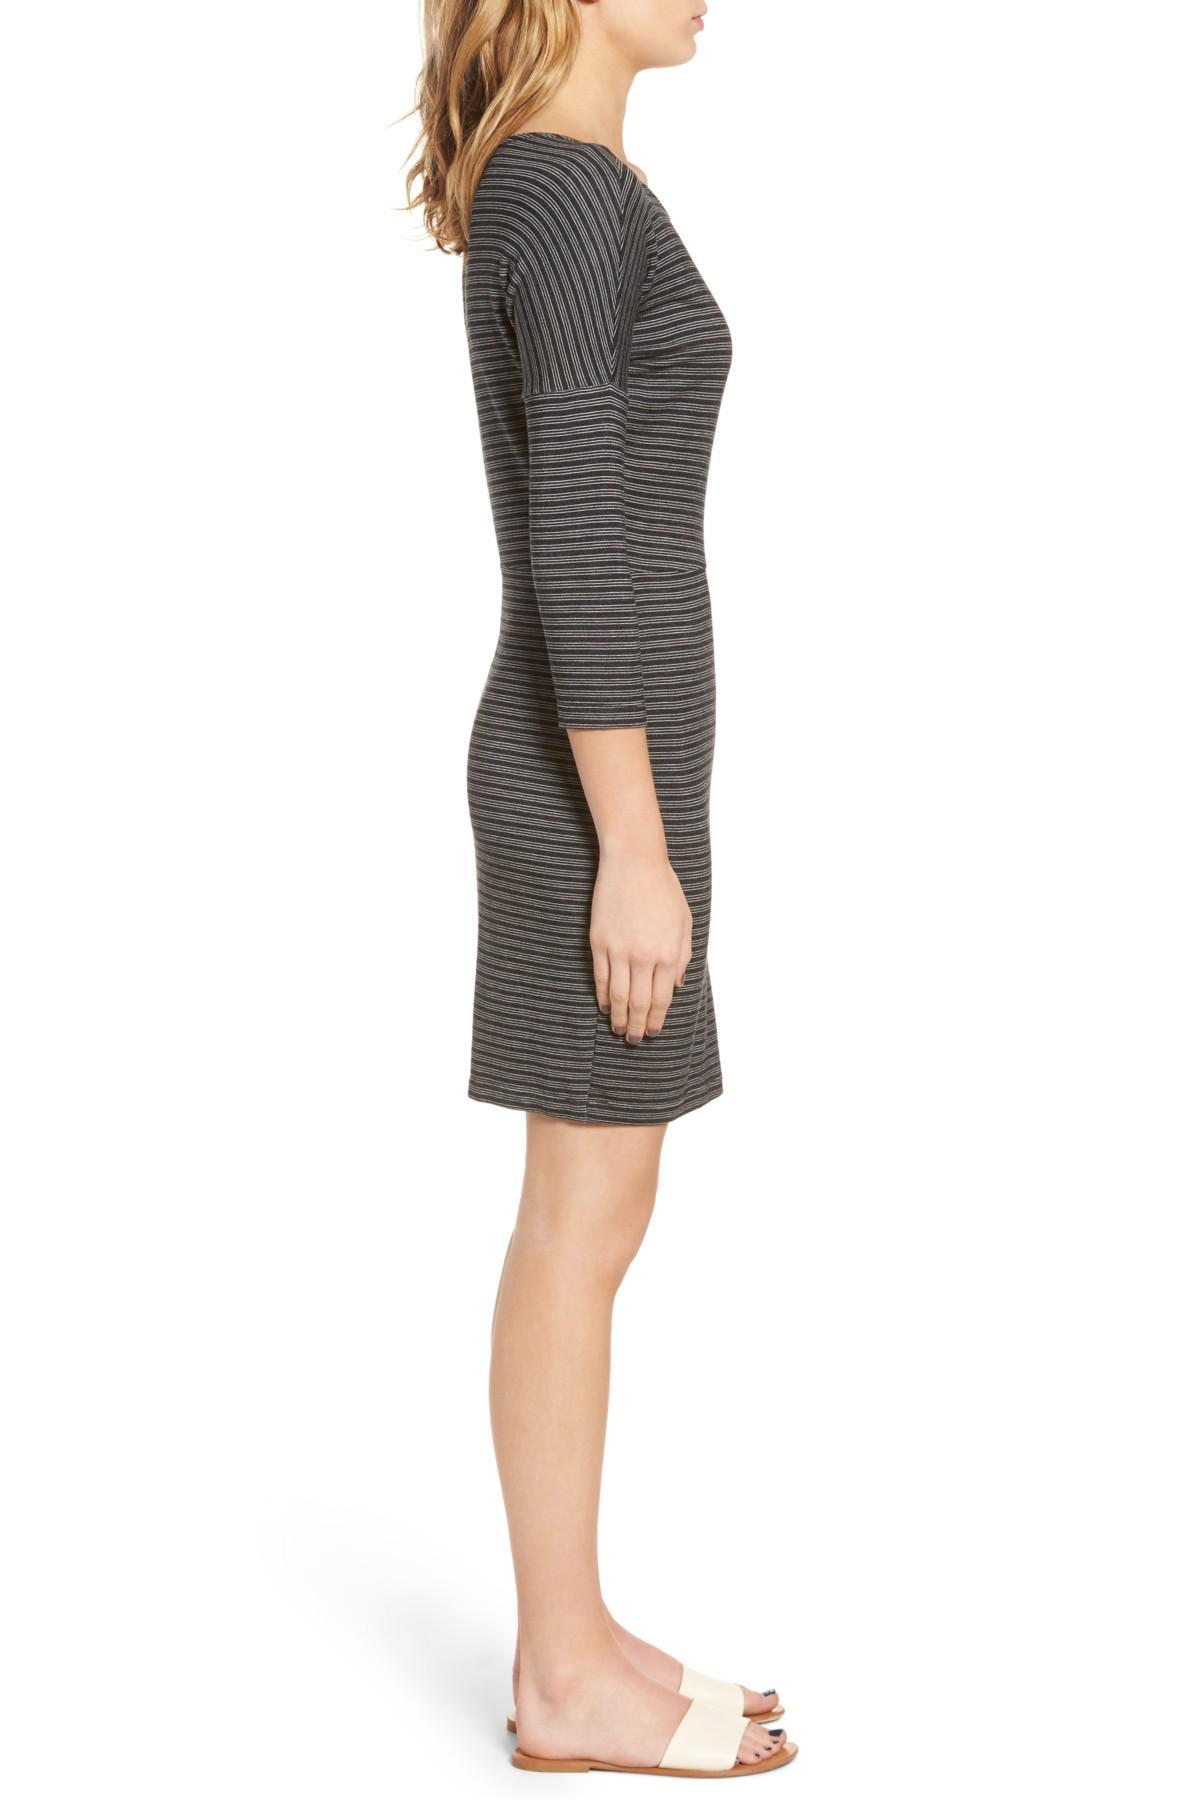 97da9e24b4 Lyst - Cupcakes And Cashmere Rylin Body-con Dress in Black